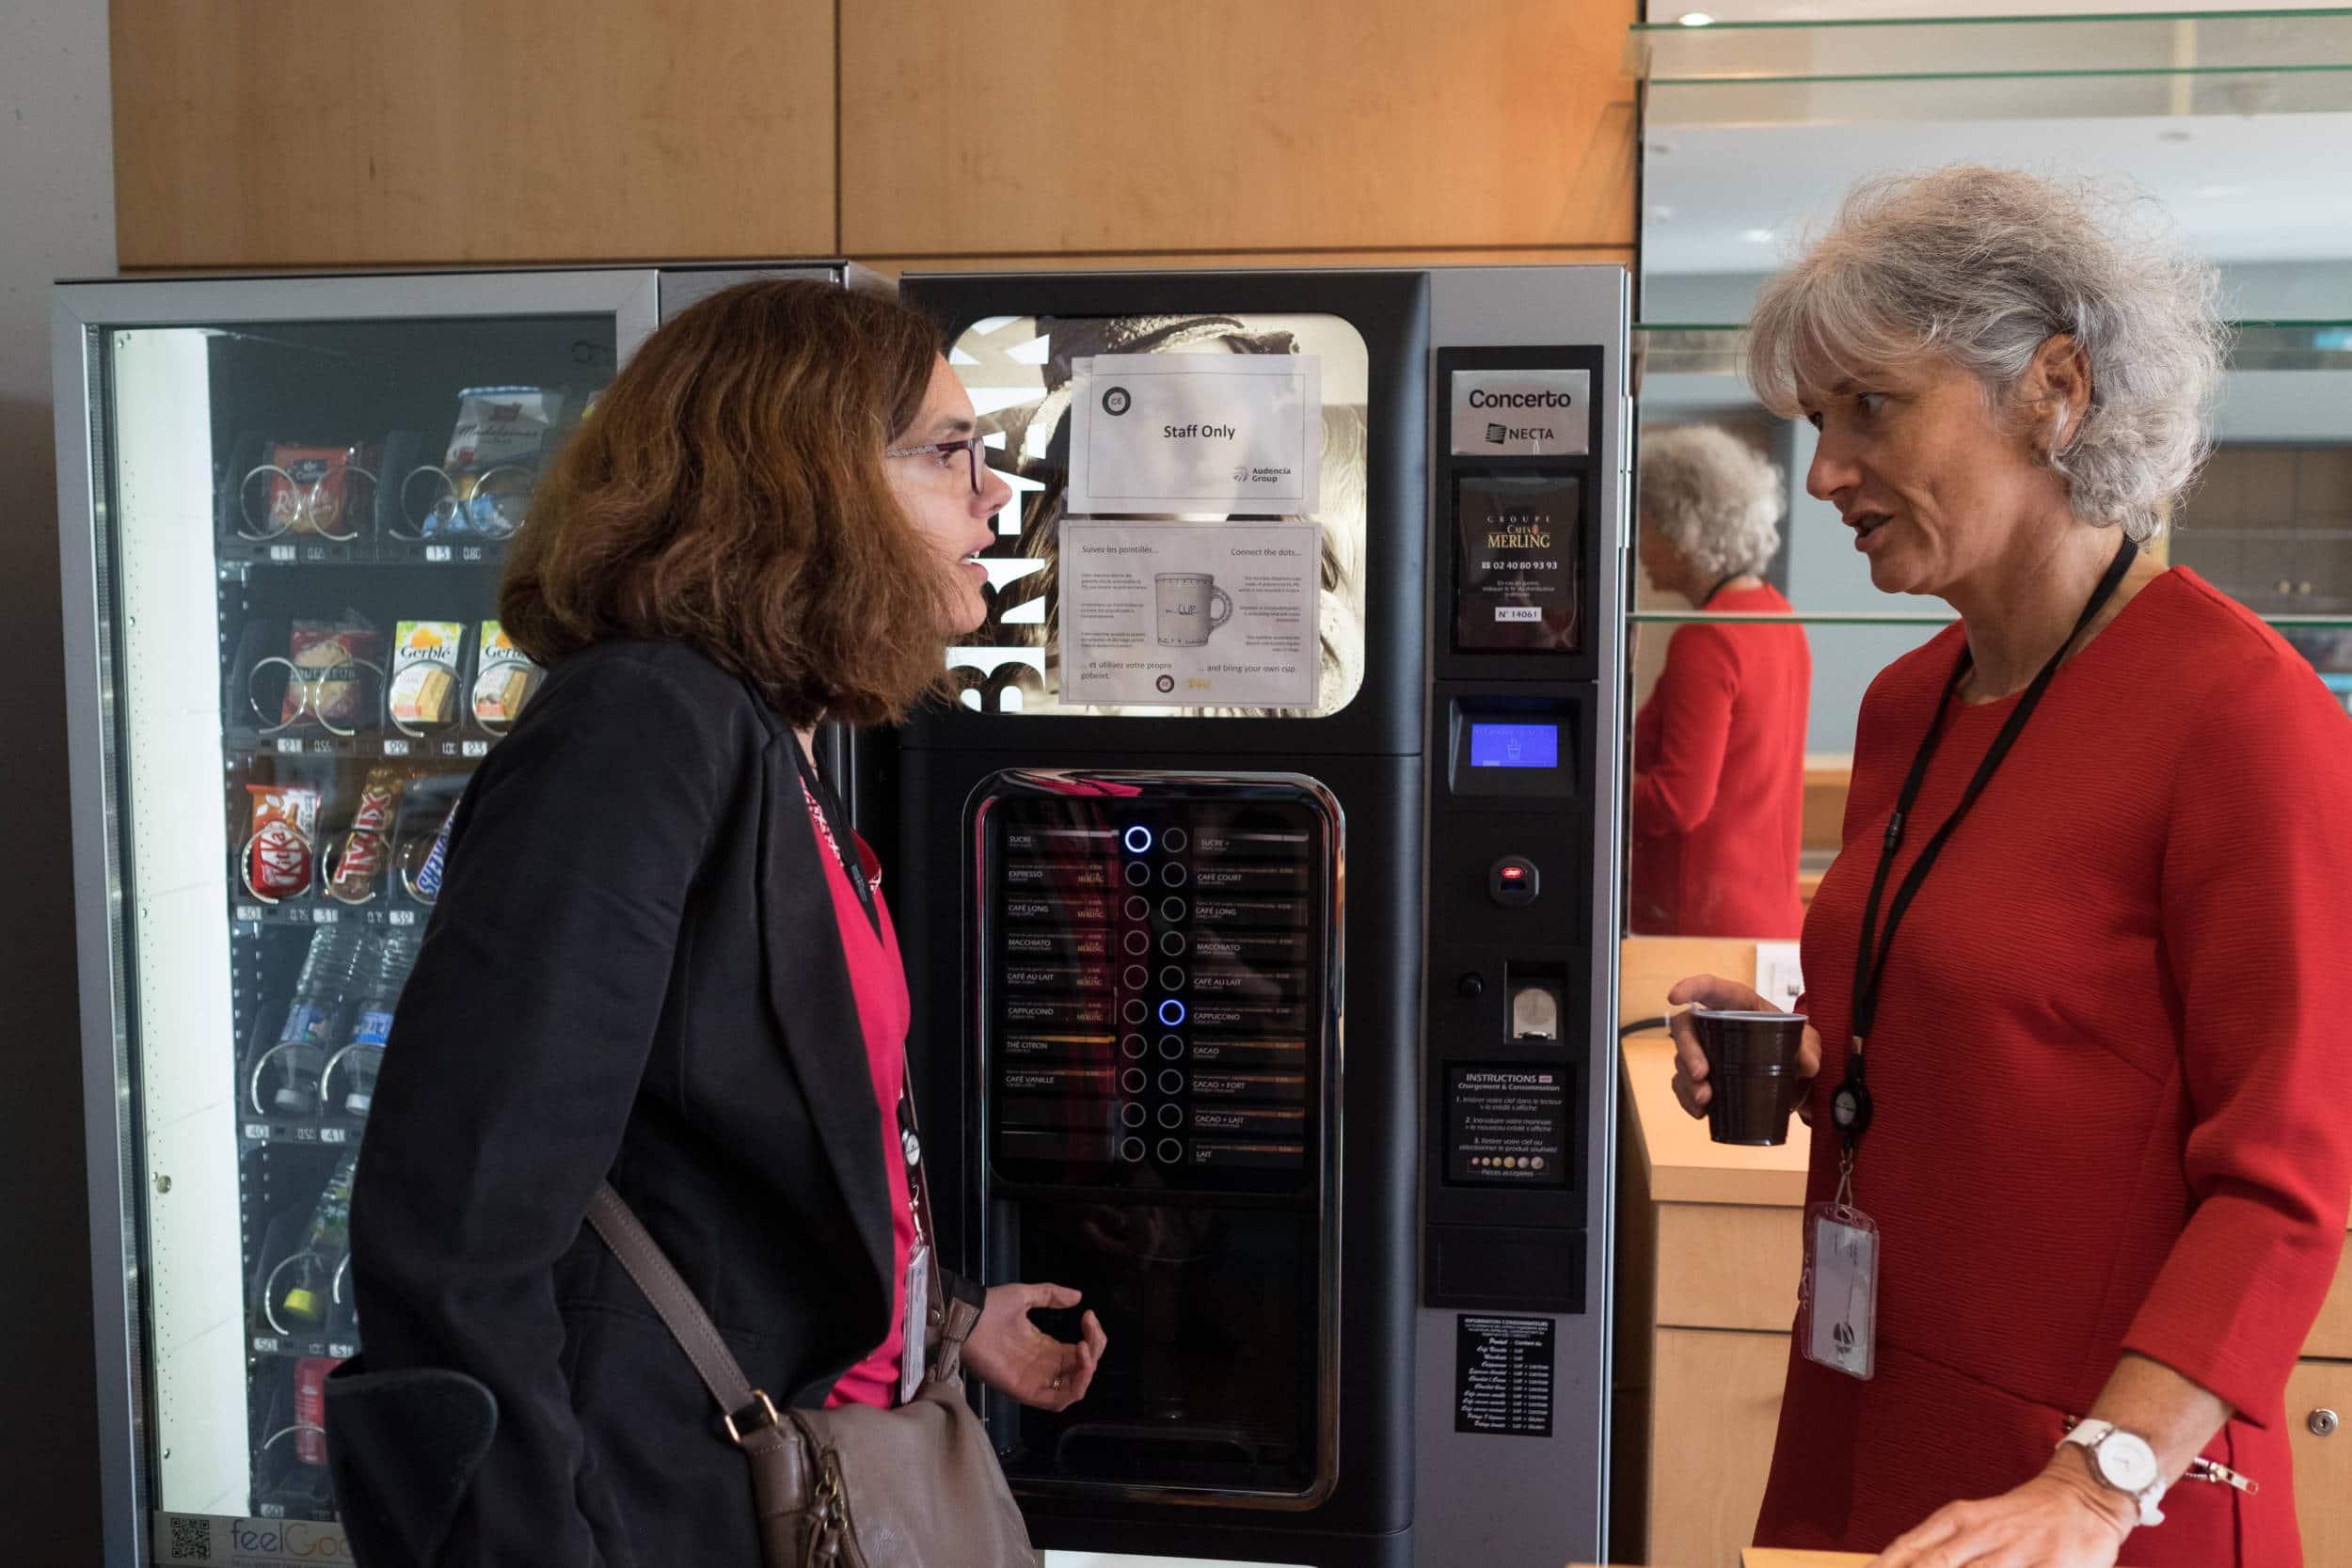 Delphine discute avec une collègue devant une machine à café